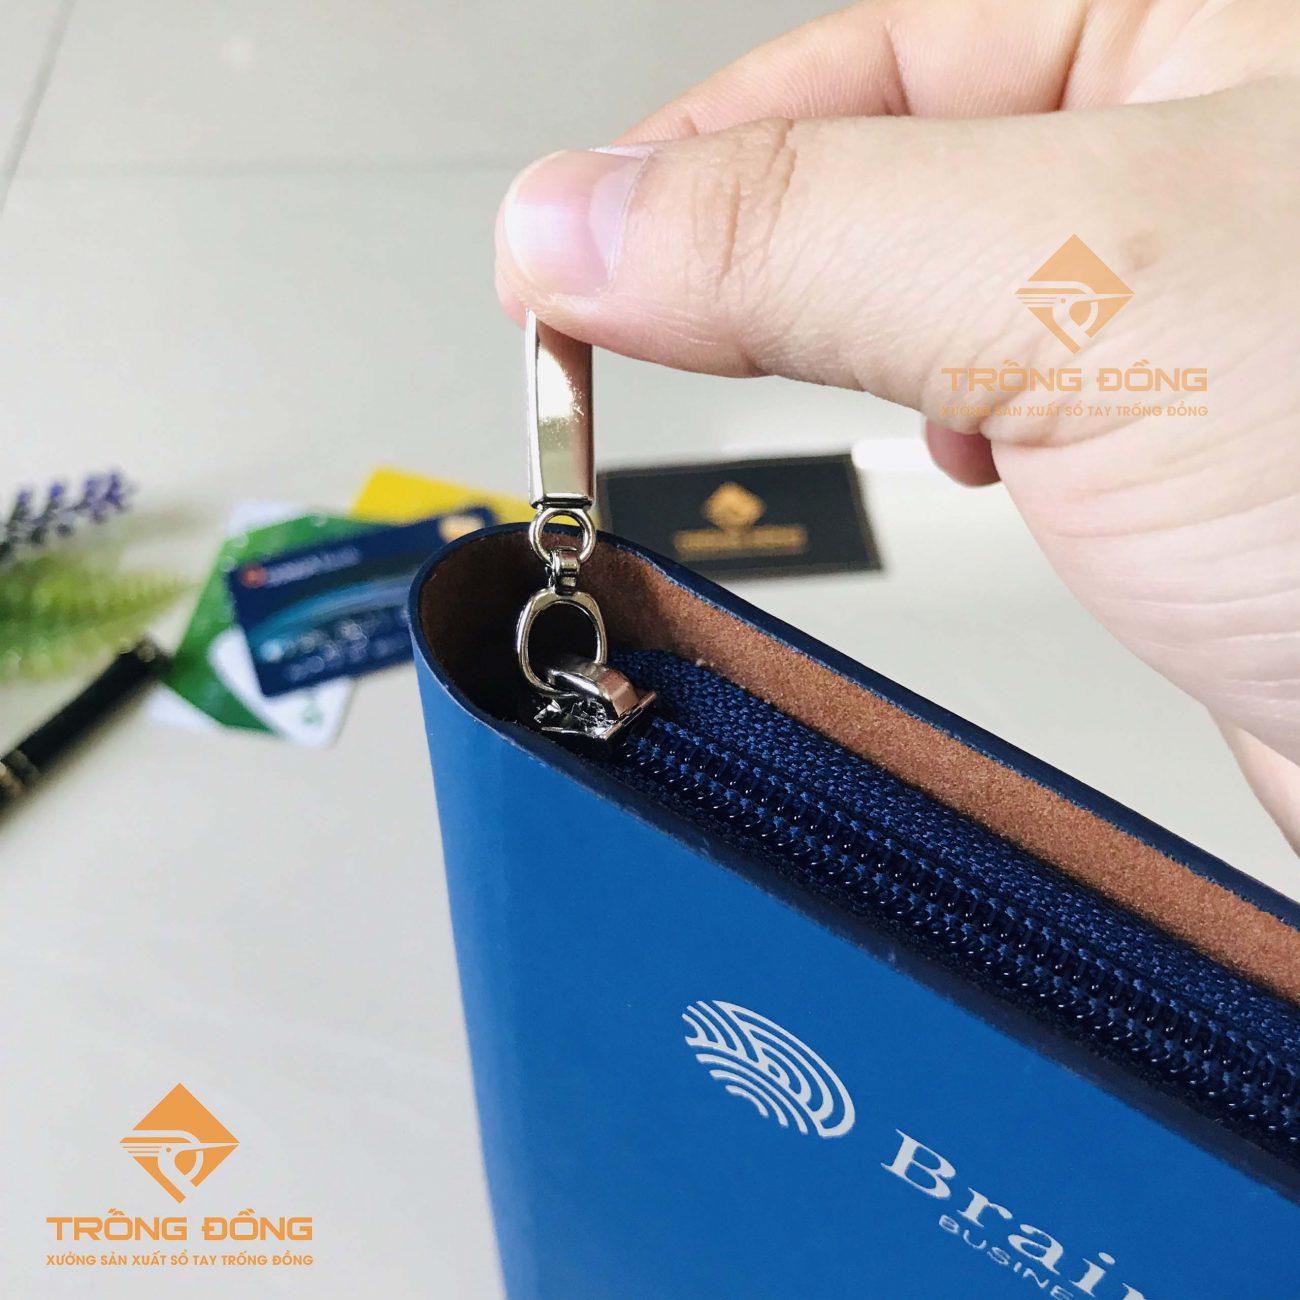 Phần khóa kéo êm trơn giúp bảo quản bút viết cùng các tài liệu một cách tối ưu.